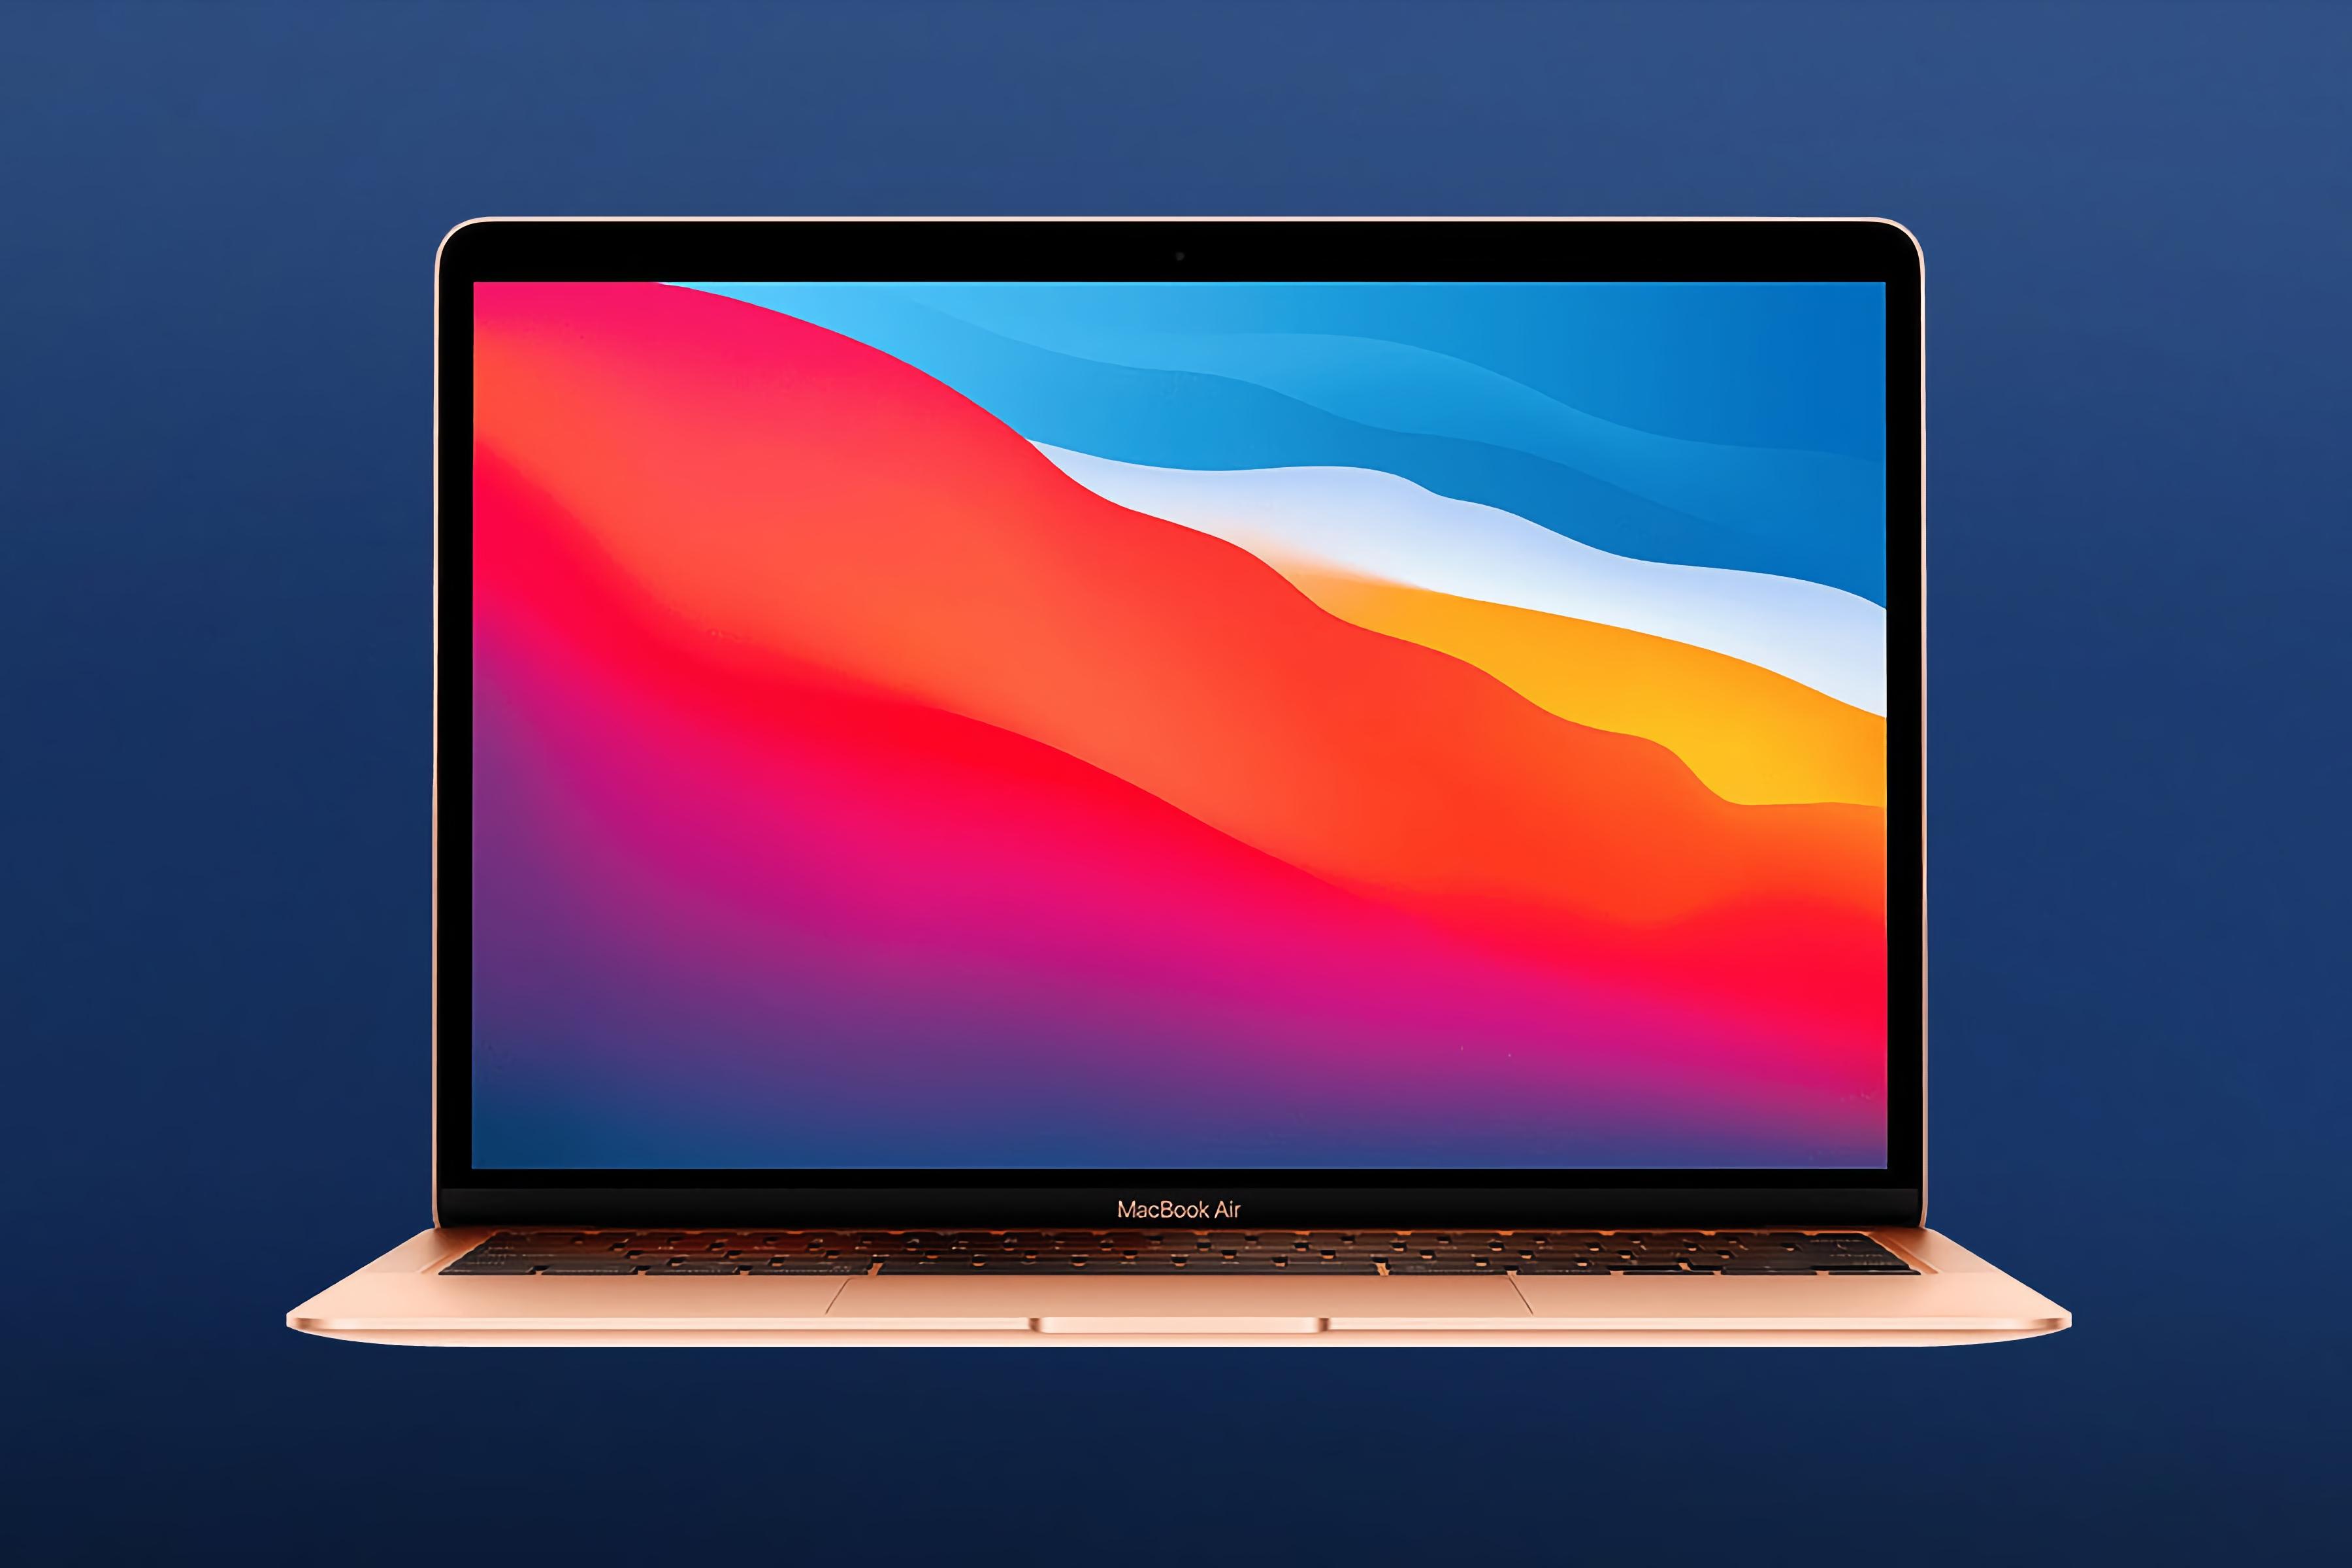 Не только MacBook Pro: Apple также начала продавать восстановленные MacBook Air M1 с ценником от $849